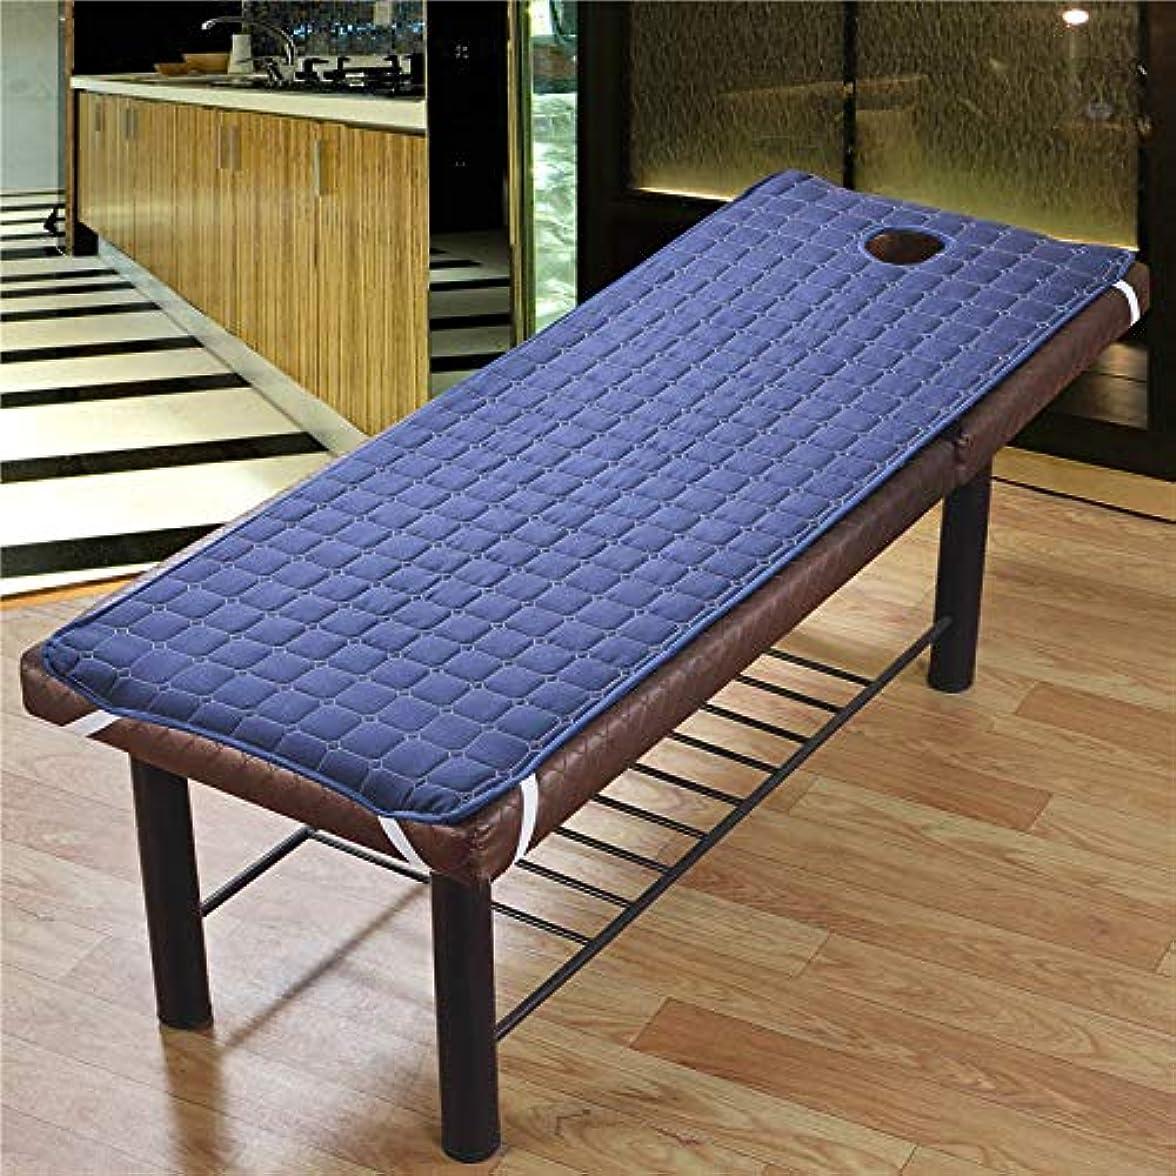 ベルトポルノ閉じ込めるTenflyer 美容院のマッサージ療法のベッドのための滑り止めのSoliod色の長方形のマットレス